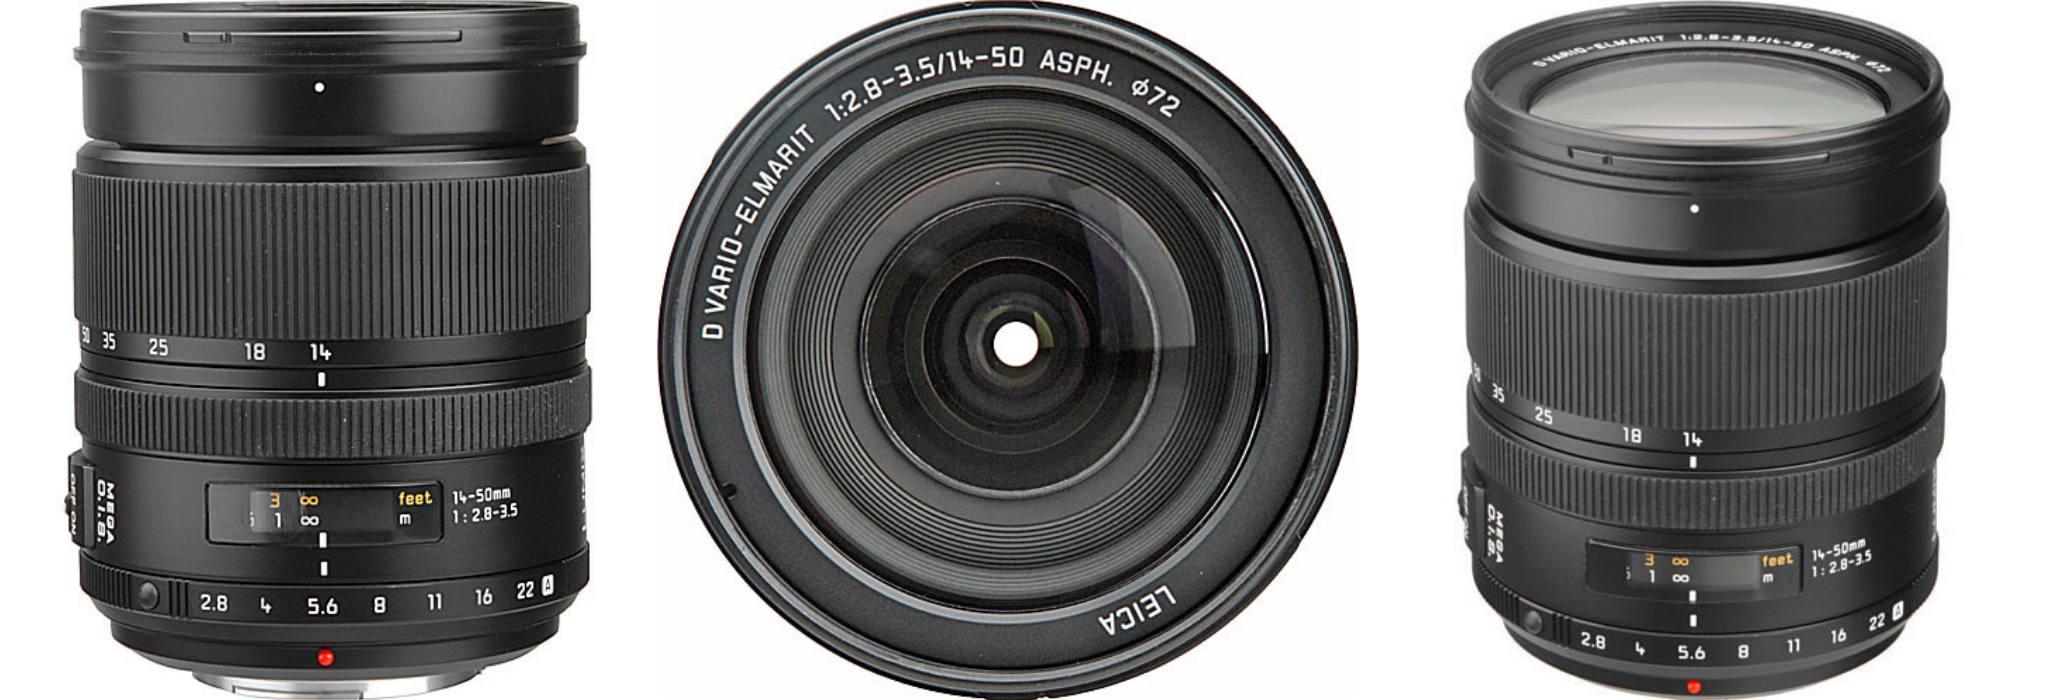 Panasonic 14-50.jpg